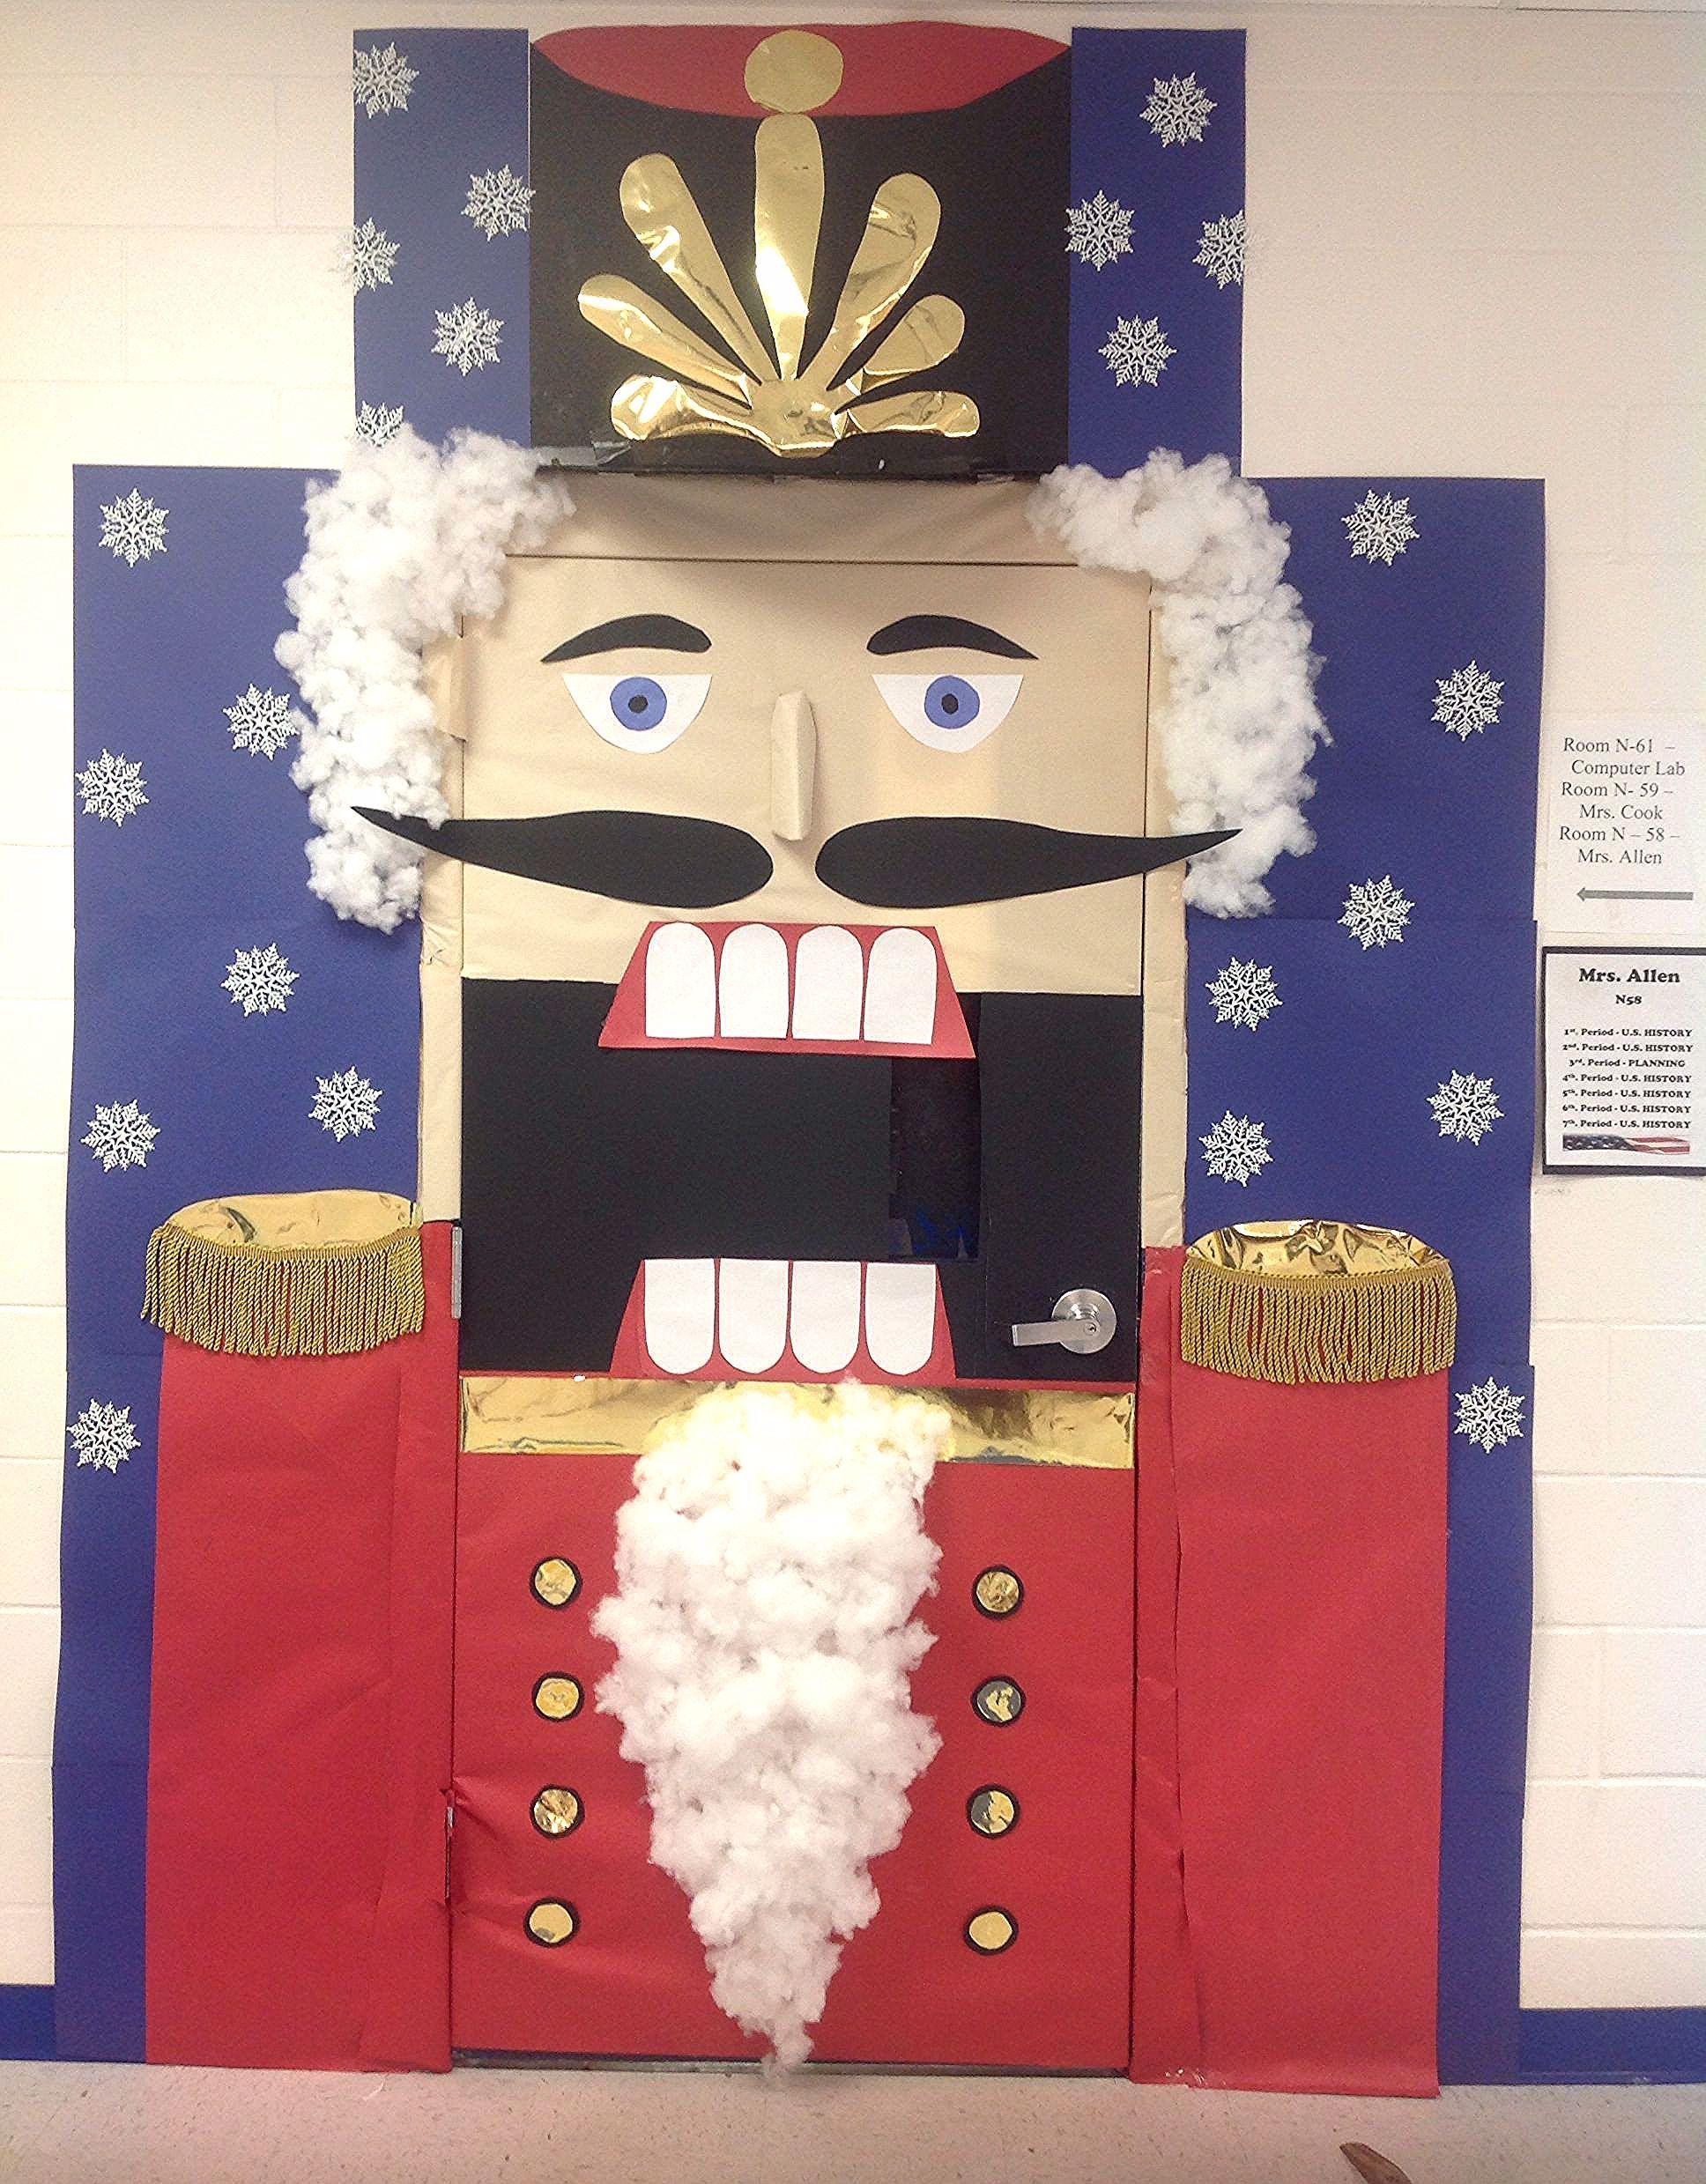 Décorations De Porte #christmasdoordecorationsforschool Christmas Door Decoration Ideas for School Best Of Nutcracker Classroom Door Decor for Christmas #christmasdoordecorationsforschool